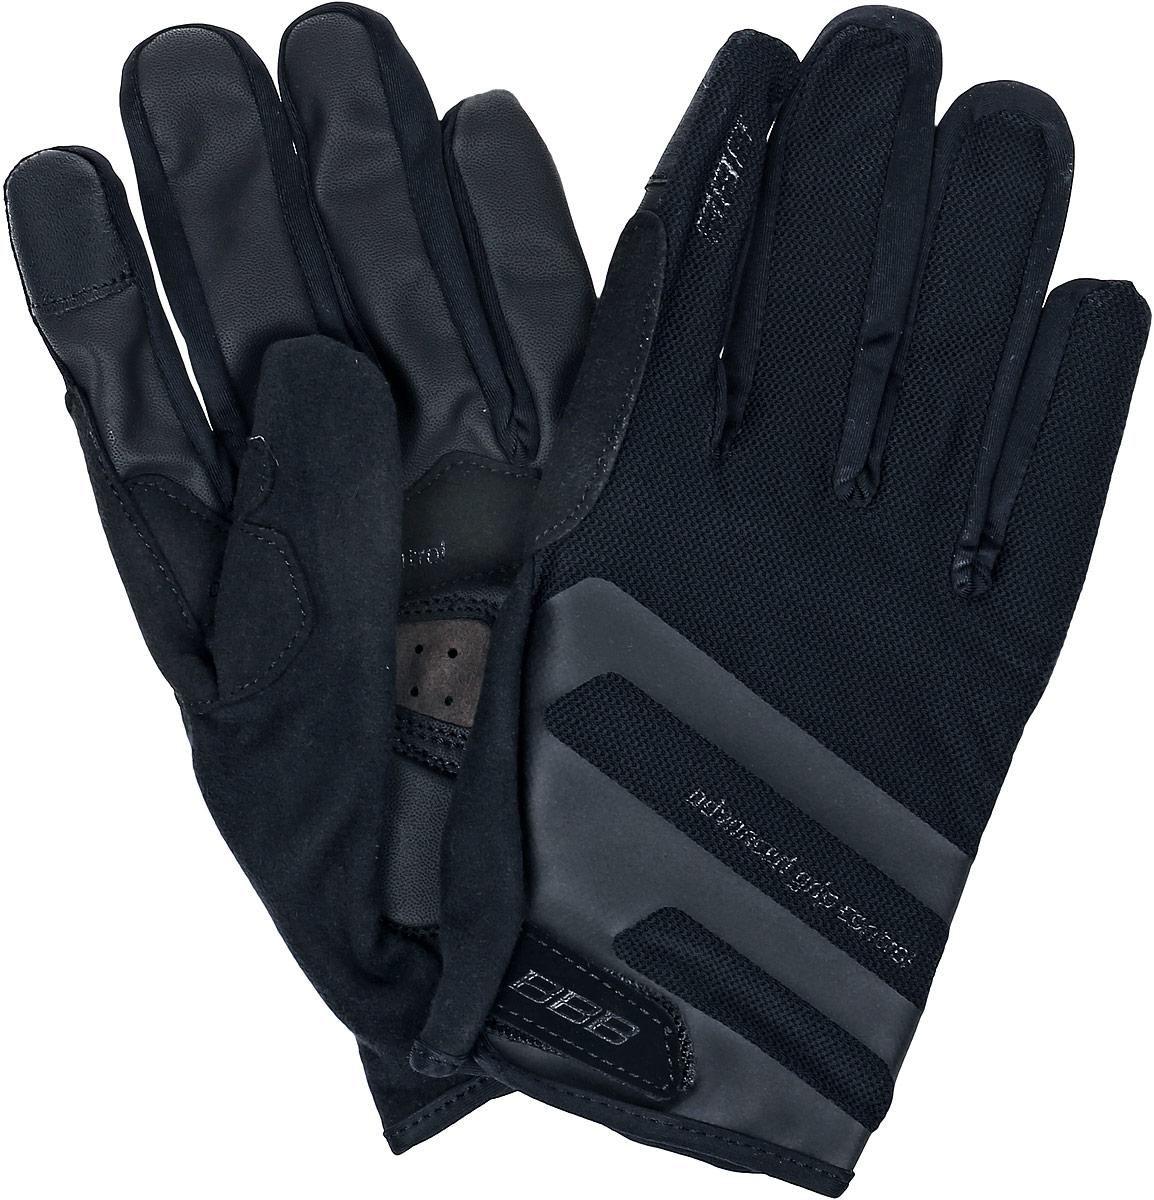 Перчатки велосипедные BBB AirZone, цвет: черный. Размер MBBW-50Когда трейлы накаляются от зноя, перчатки Airzone - ваш лучший выбор. Эти перчатки с длинными пальцами снабжены тыльной стороной из сетчатого материала и вентилируемой ладонью с полиуретановыми вставками для крепкого хвата. Гелевые вставки предупреждают усталость и защищают при падениях. Большой и указательный пальцы дополнительно защищены материалом Clarino. Сетчатая структура верхней части обеспечивает хорошую вентиляцию. Такие перчатки идеальны при эксплуатации в условиях высоких температур. Тыльная сторона из сетчатого материала Airmesh. Перфорированная ладонь с вставками из полиуретана для надёжного хвата. Манжета анатомического кроя дополнена застёжкой-липучкой. Состав: 28% полиамид, 24% полиуретан, 21% полиэстер, 15% эластан, 12% полиэтилен.